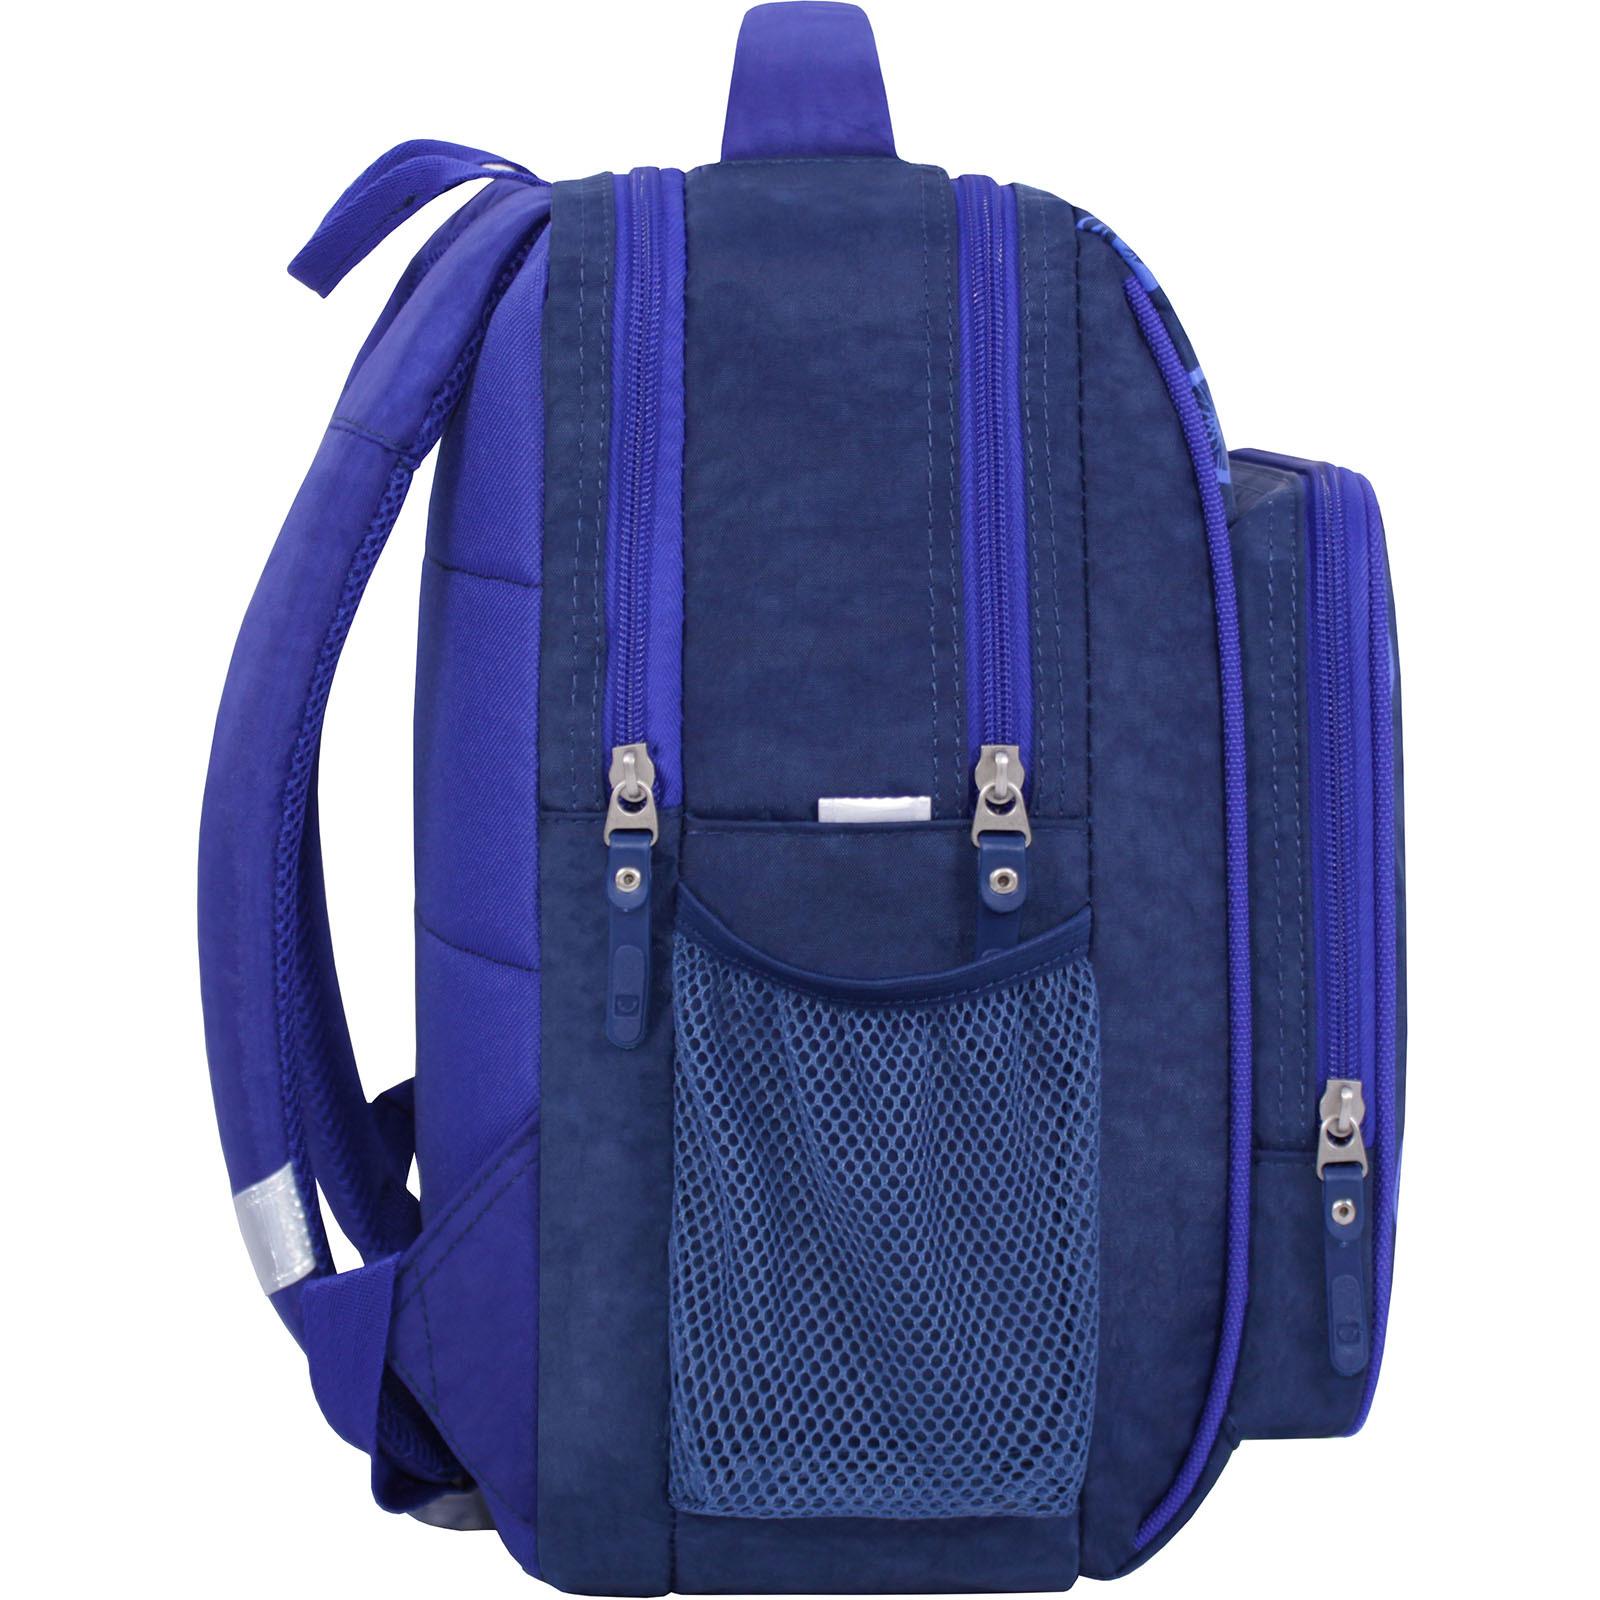 Рюкзак школьный Bagland Школьник 8 л. 225 синий 551 (00112702) фото 2